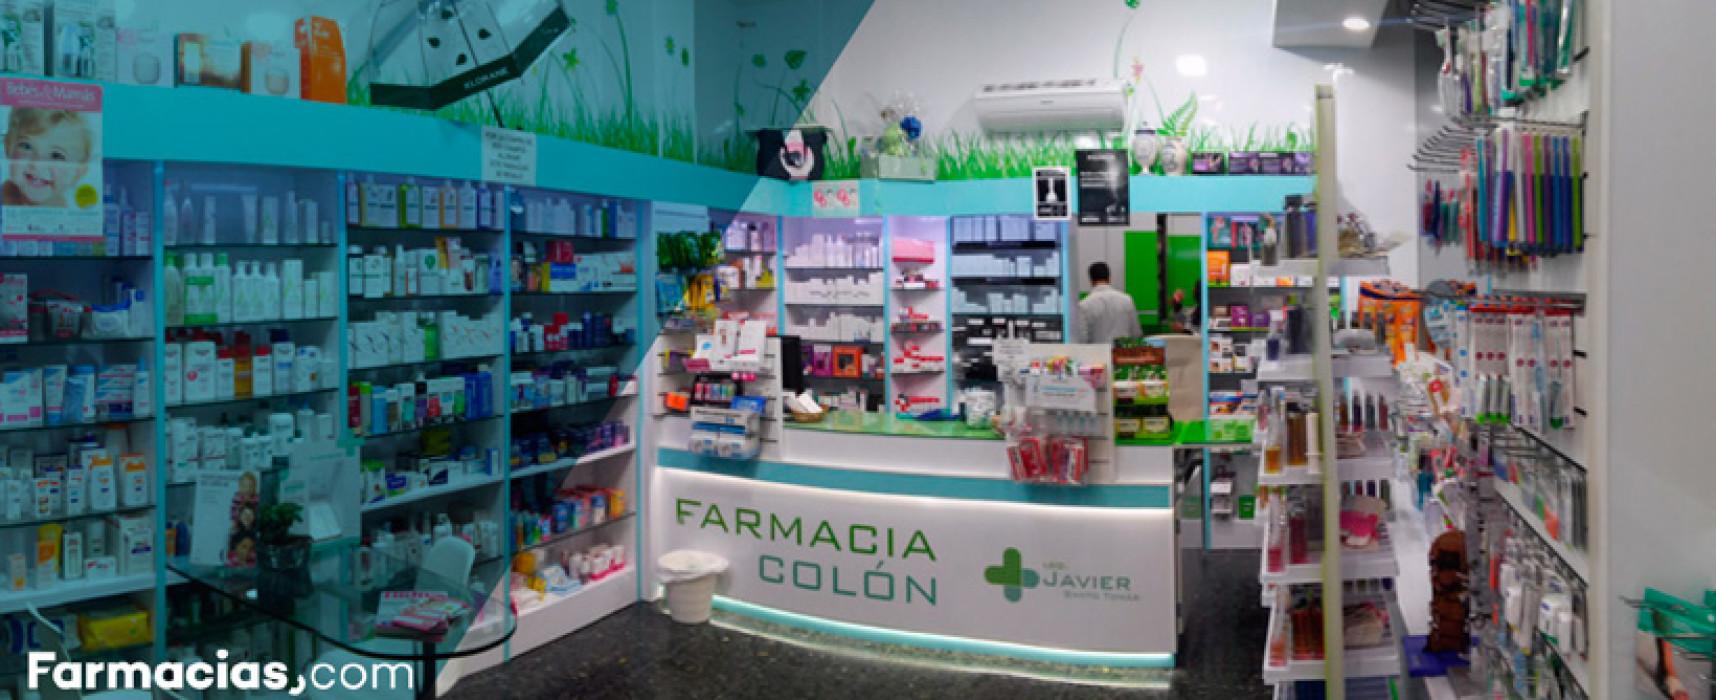 Farmacia Colón: un punto de confianza en Madrid